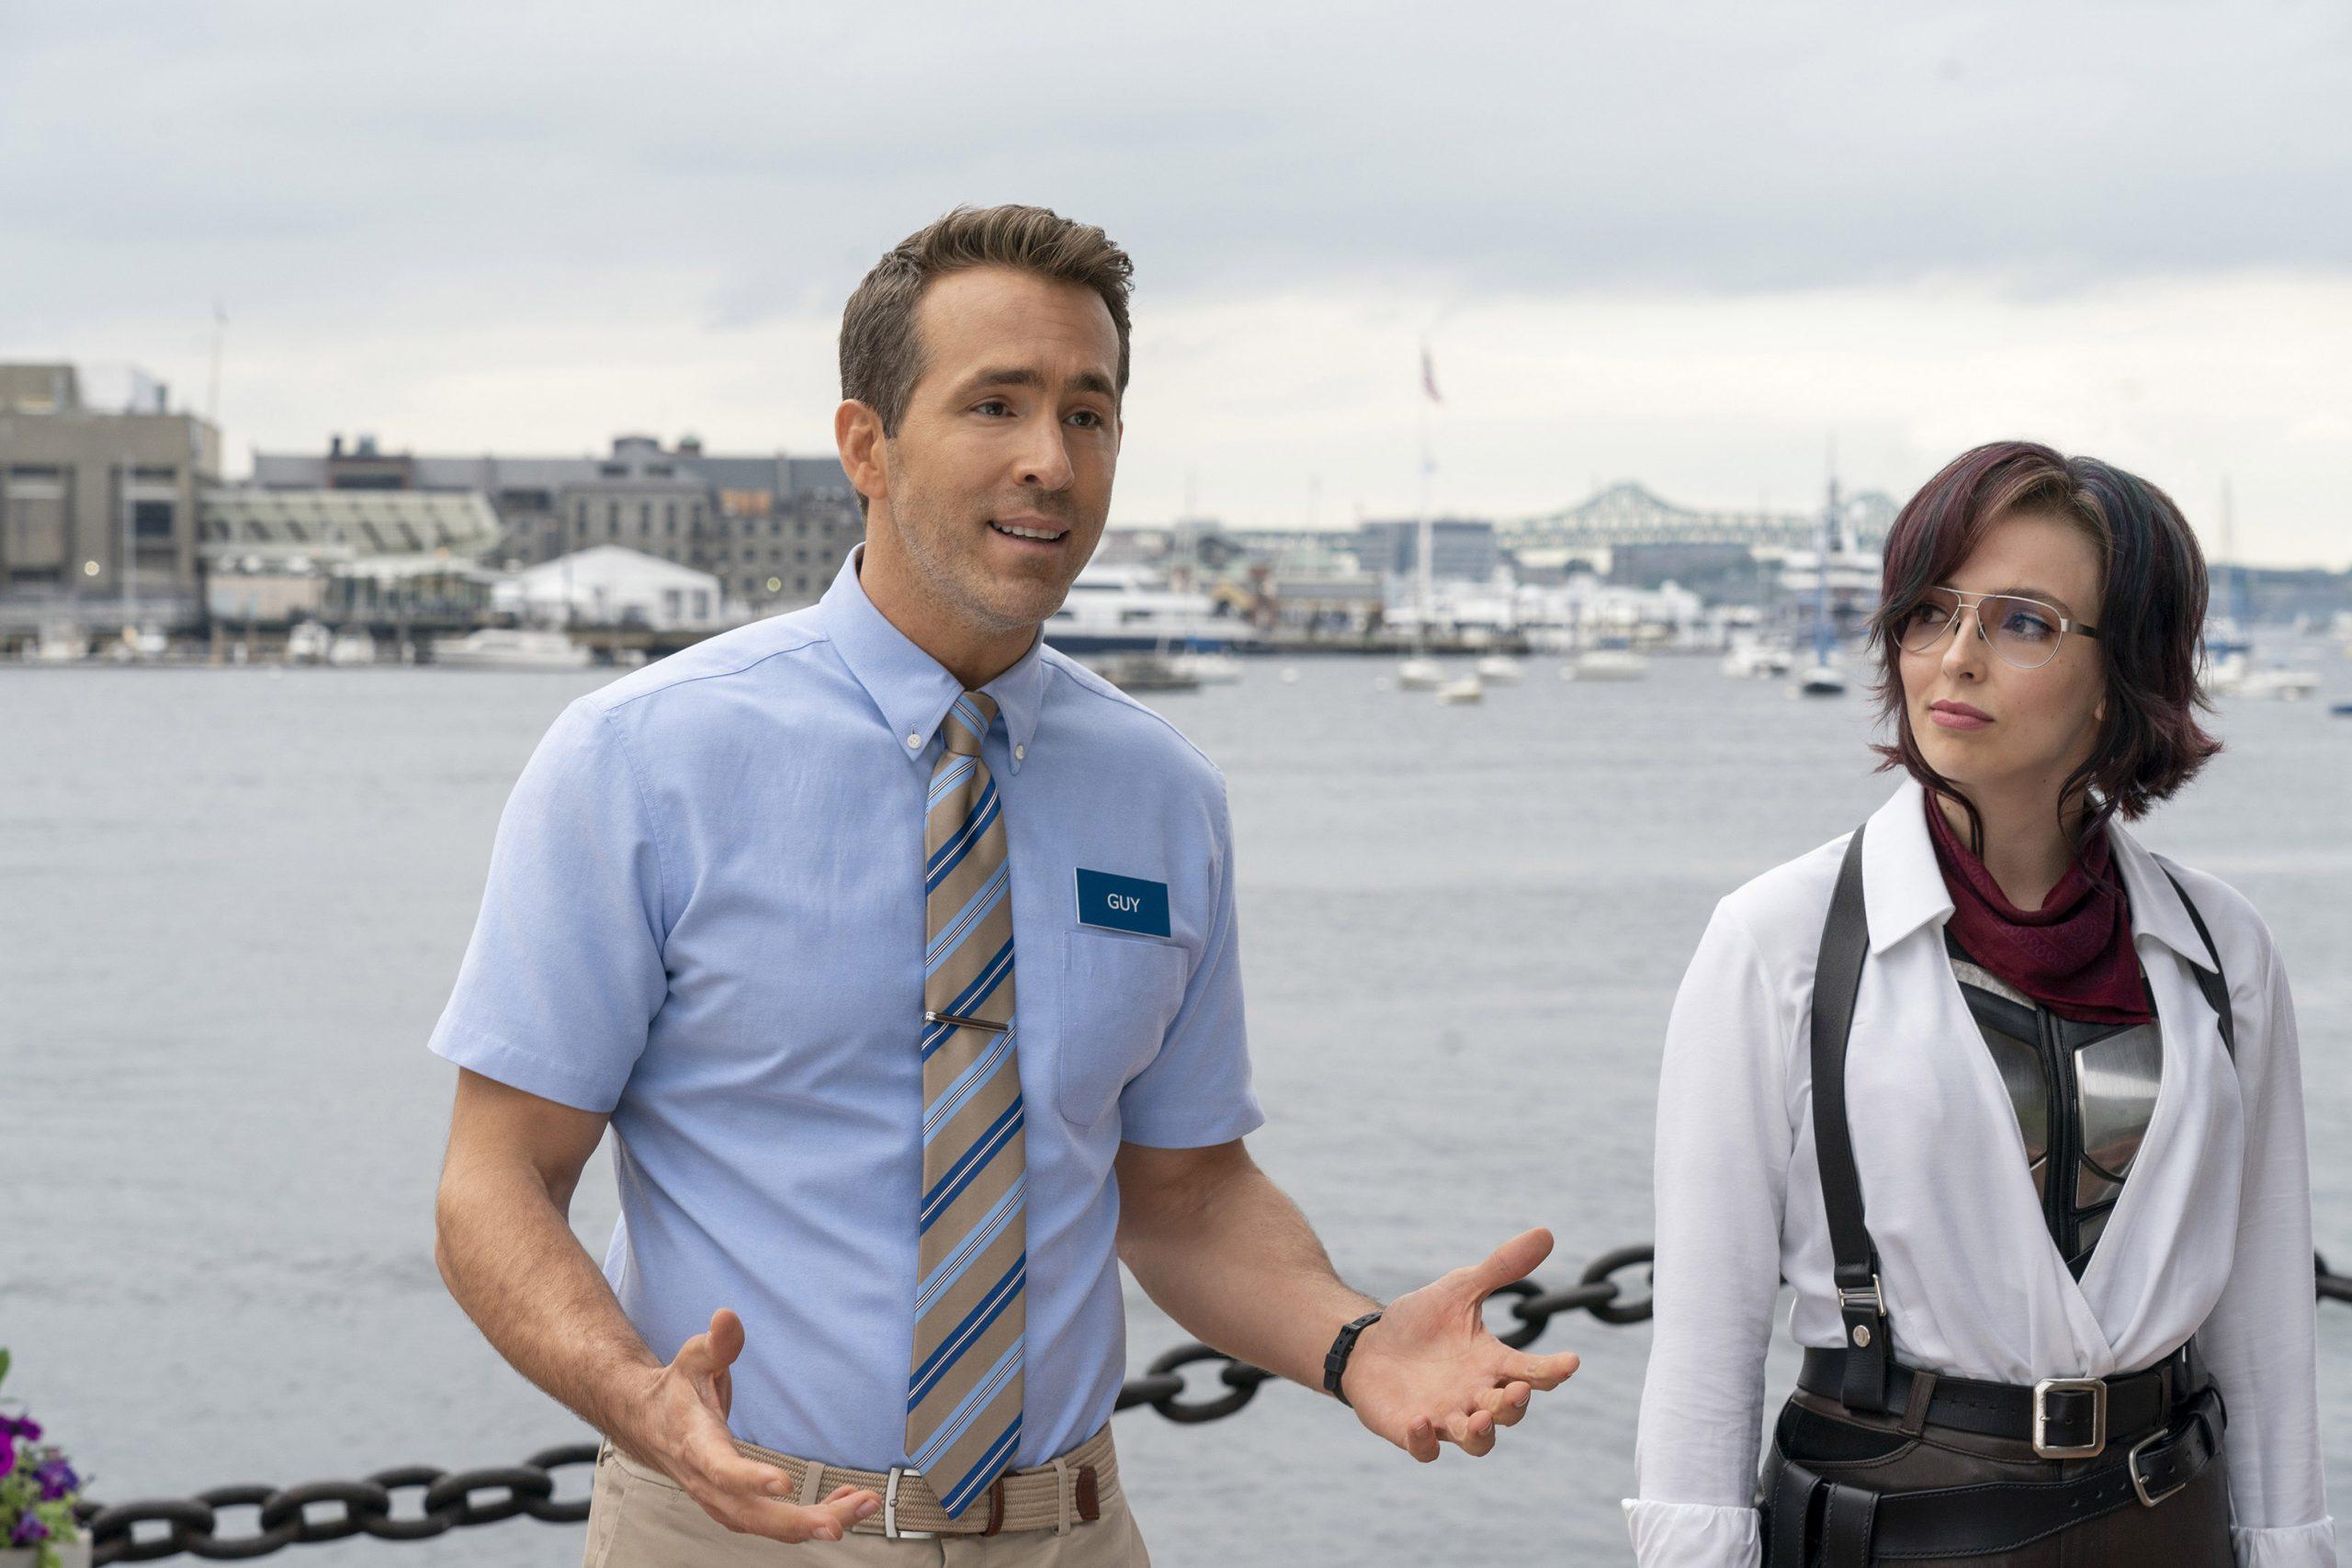 ▷ فيلم Free Guy: فيلم Ryan Reynolds يتلقى تاريخ إصدار جديد بعد ...